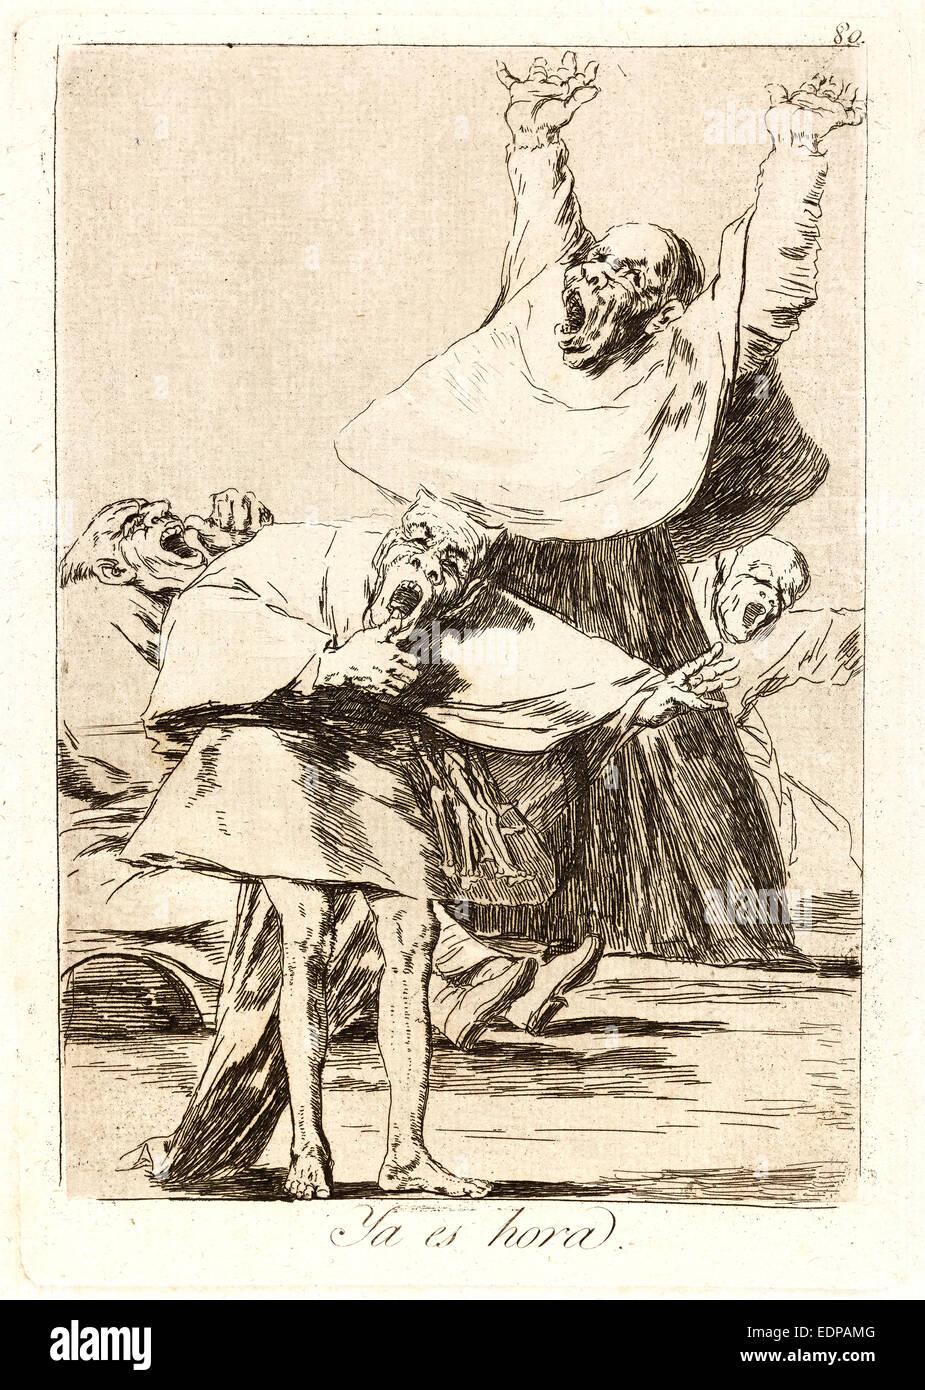 Francisco de Goya (Espagnol, 1746-1828). Ya es hora. (Il est temps), 1796-1797. De Los Caprichos, no. 80. Eau-forte Photo Stock